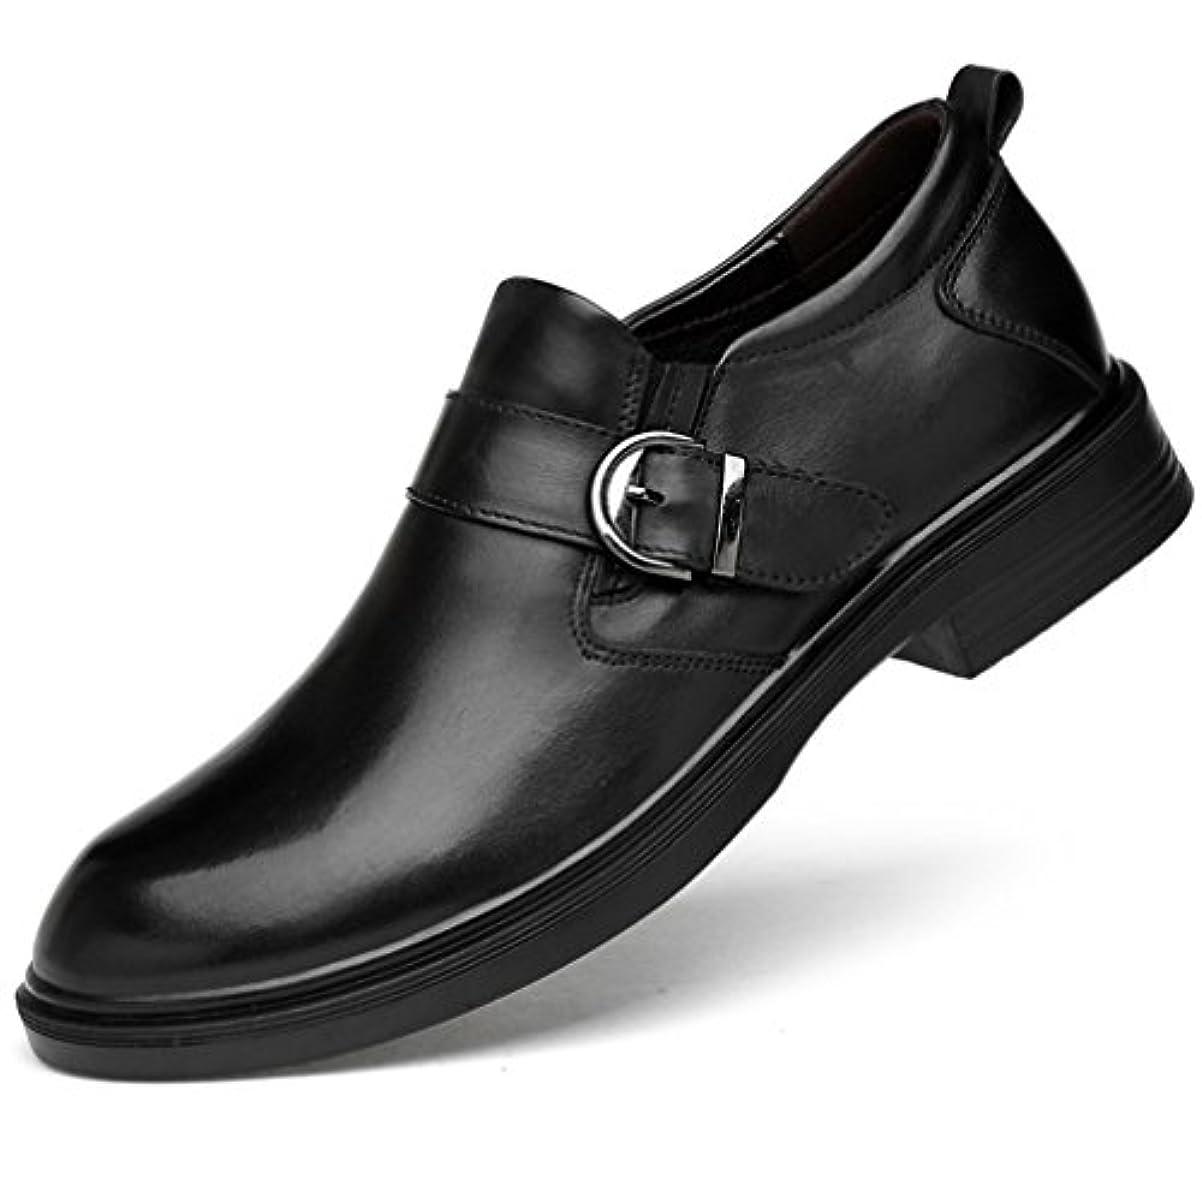 ジェットイタリックキャンペーンWEWIN ビジネスシューズ 紳士靴 革靴 メンズ 本革 モンクストラップ キングサイズ フォーマル 結婚式 ファッション 通気性 防滑 黒 ブラック